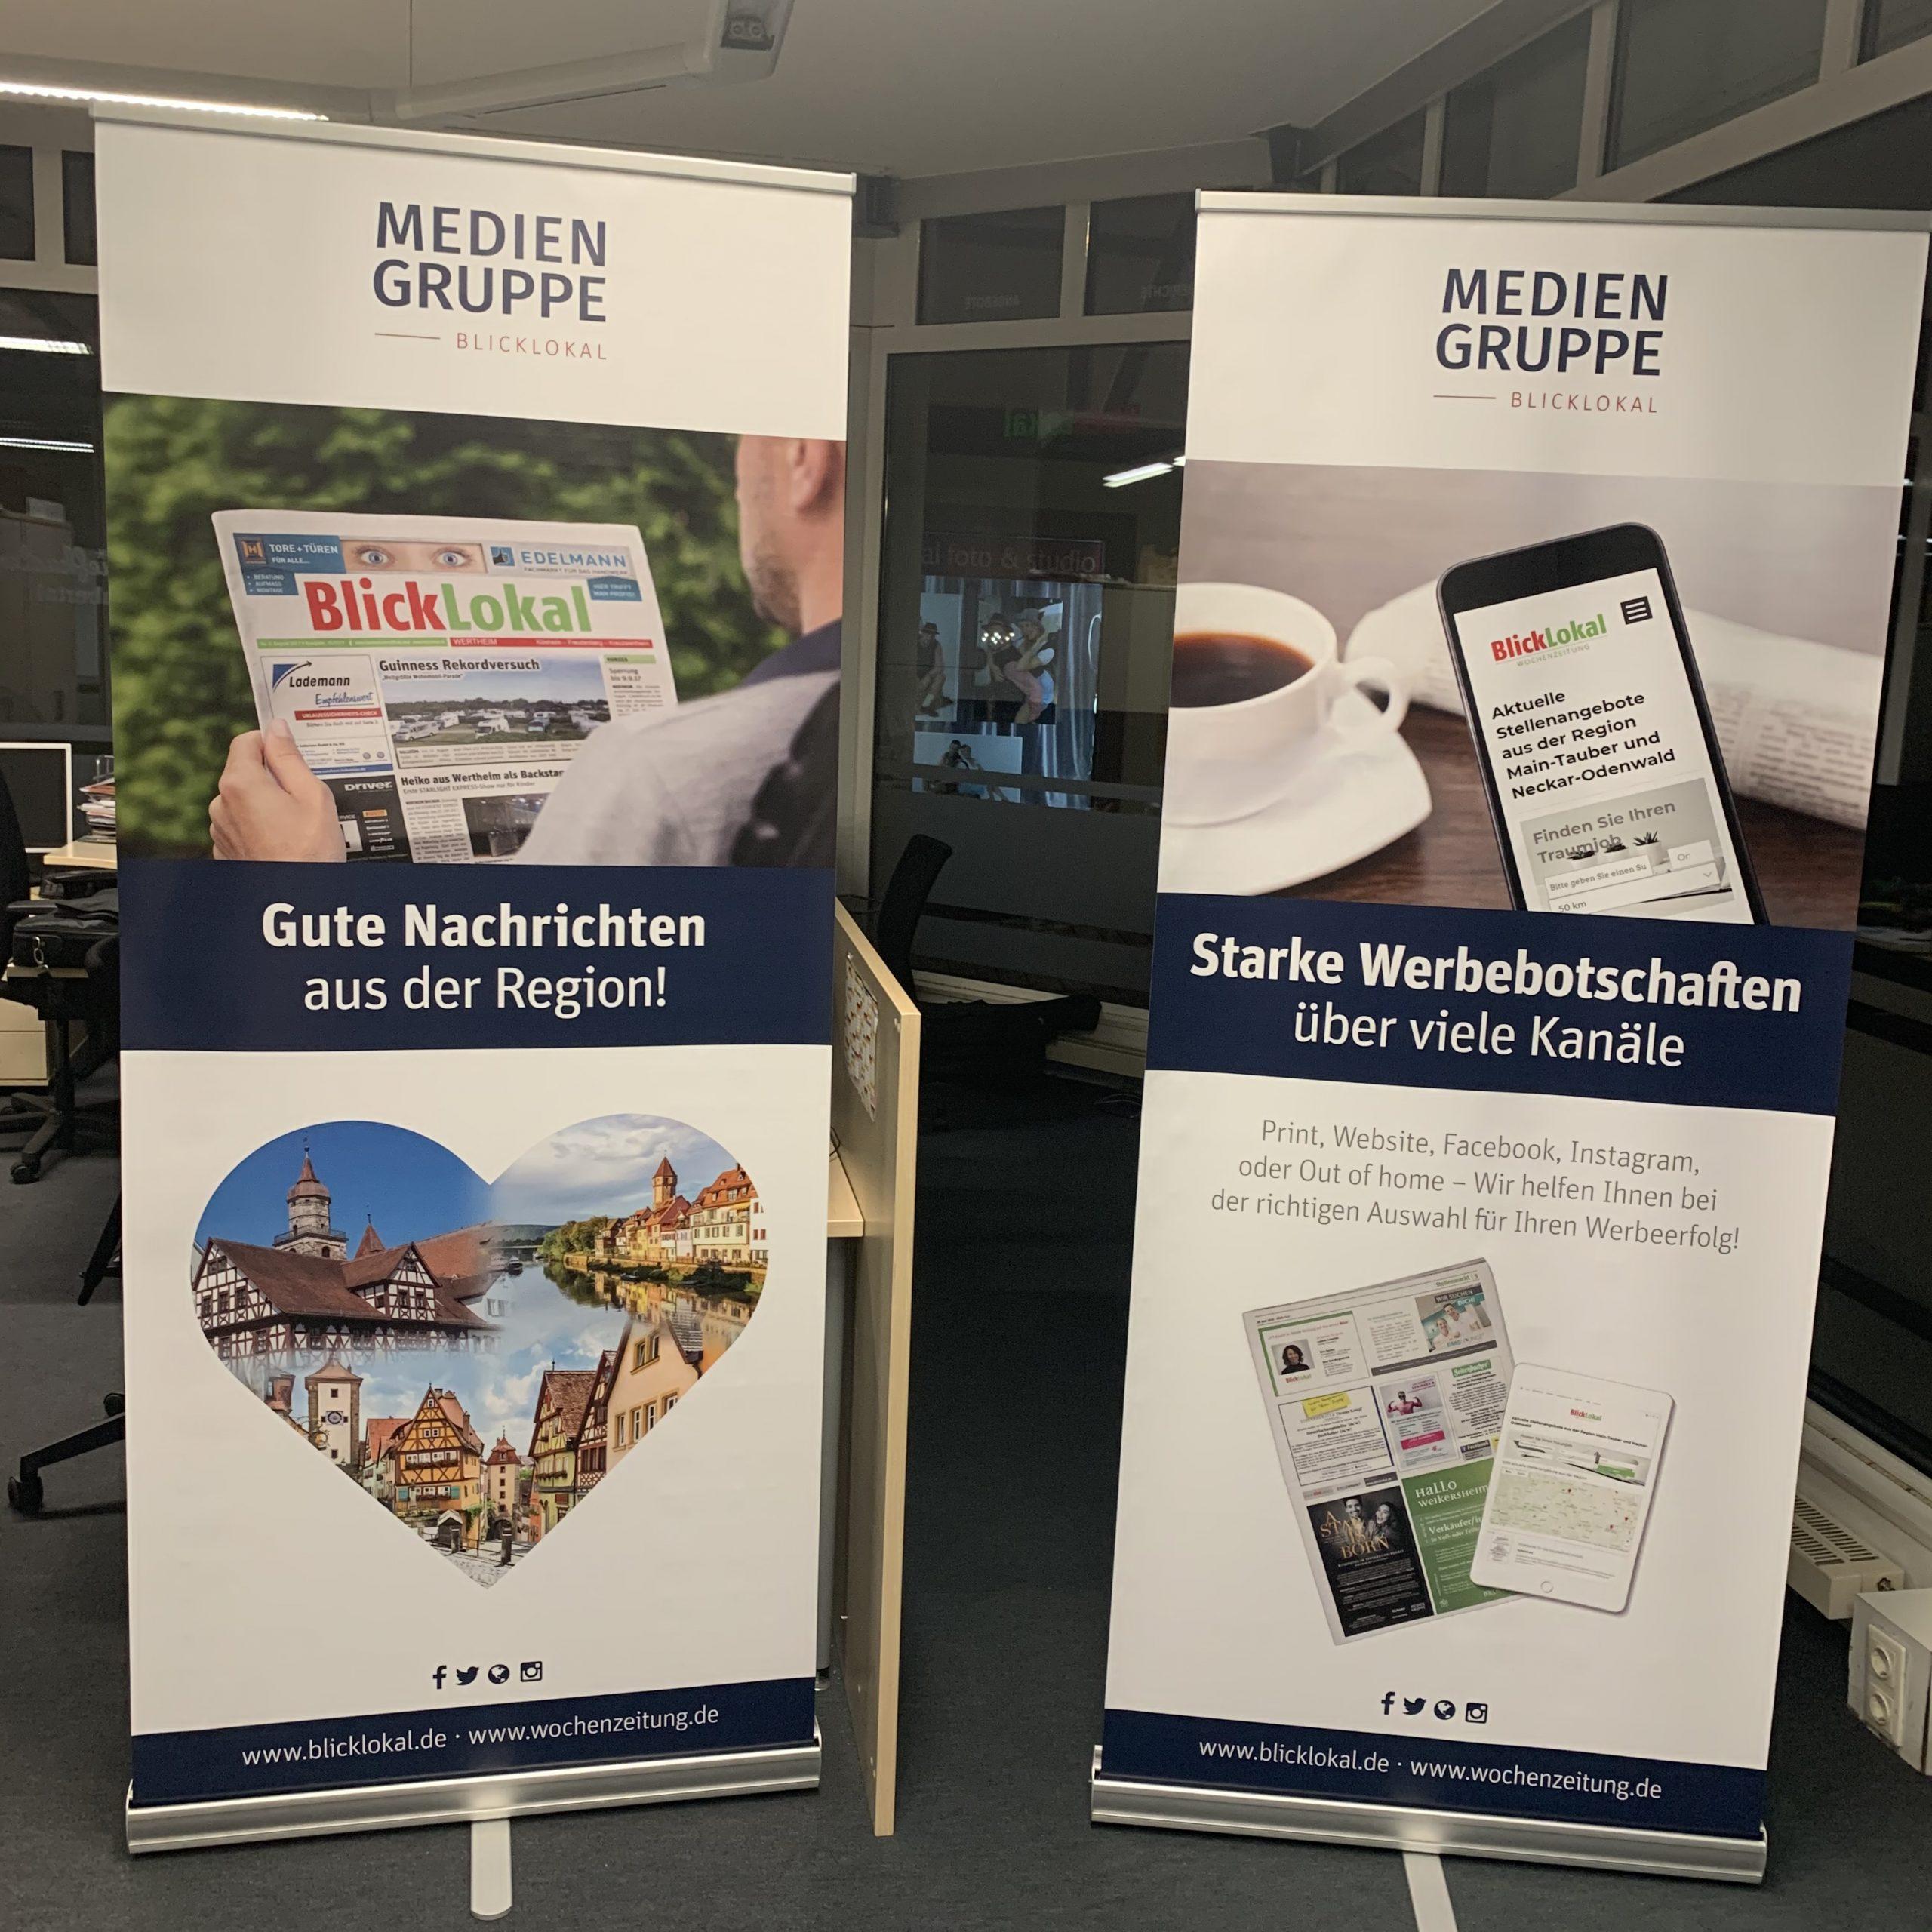 Mediengruppe-Blicklokal Roll-up